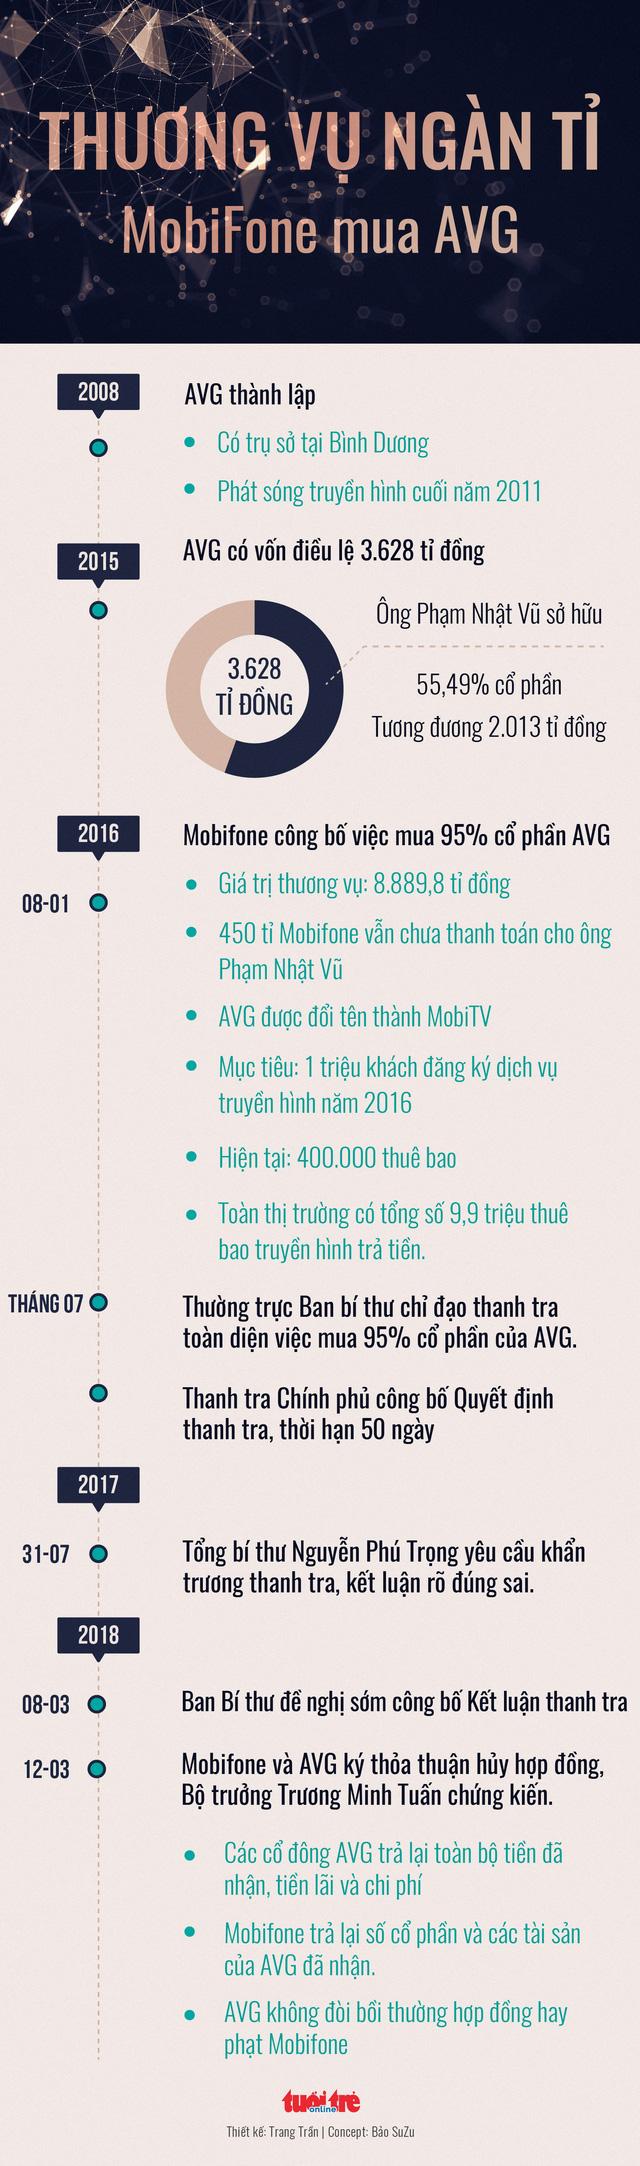 Bộ TT-TT muốn Mobifone sớm chấm dứt hợp đồng mua AVG - Ảnh 2.